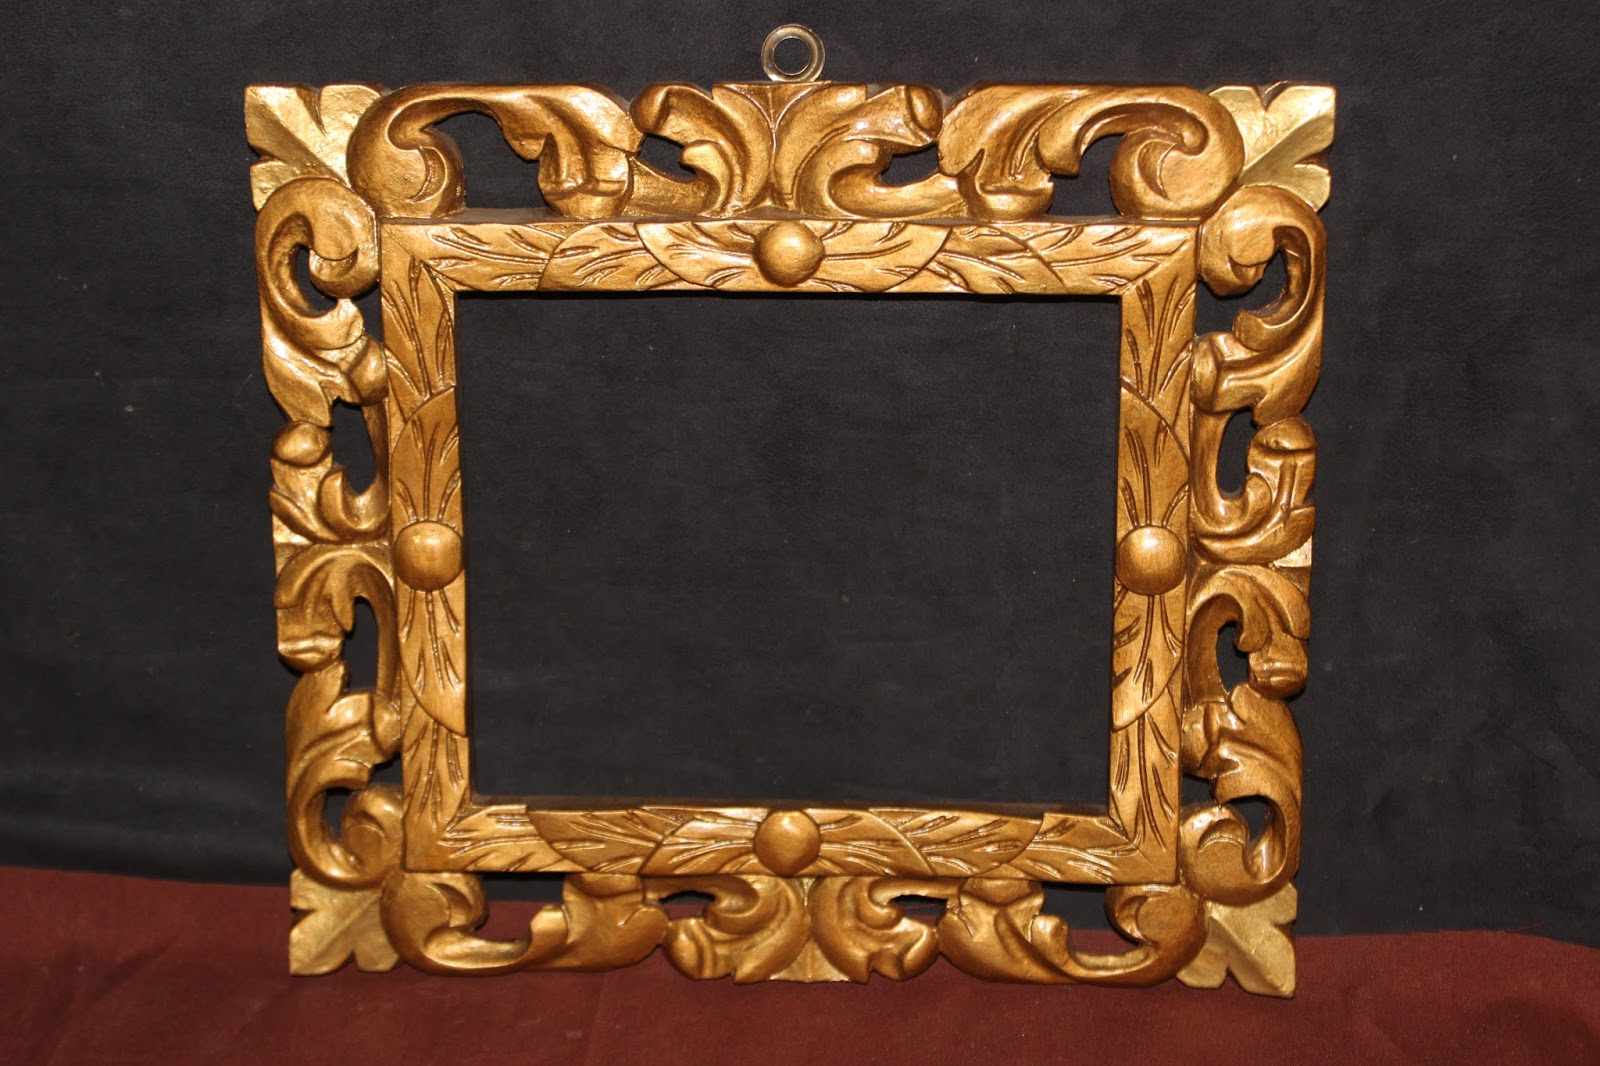 Bella cornice legno scolpita e traforata a mano metÀ 900 stile